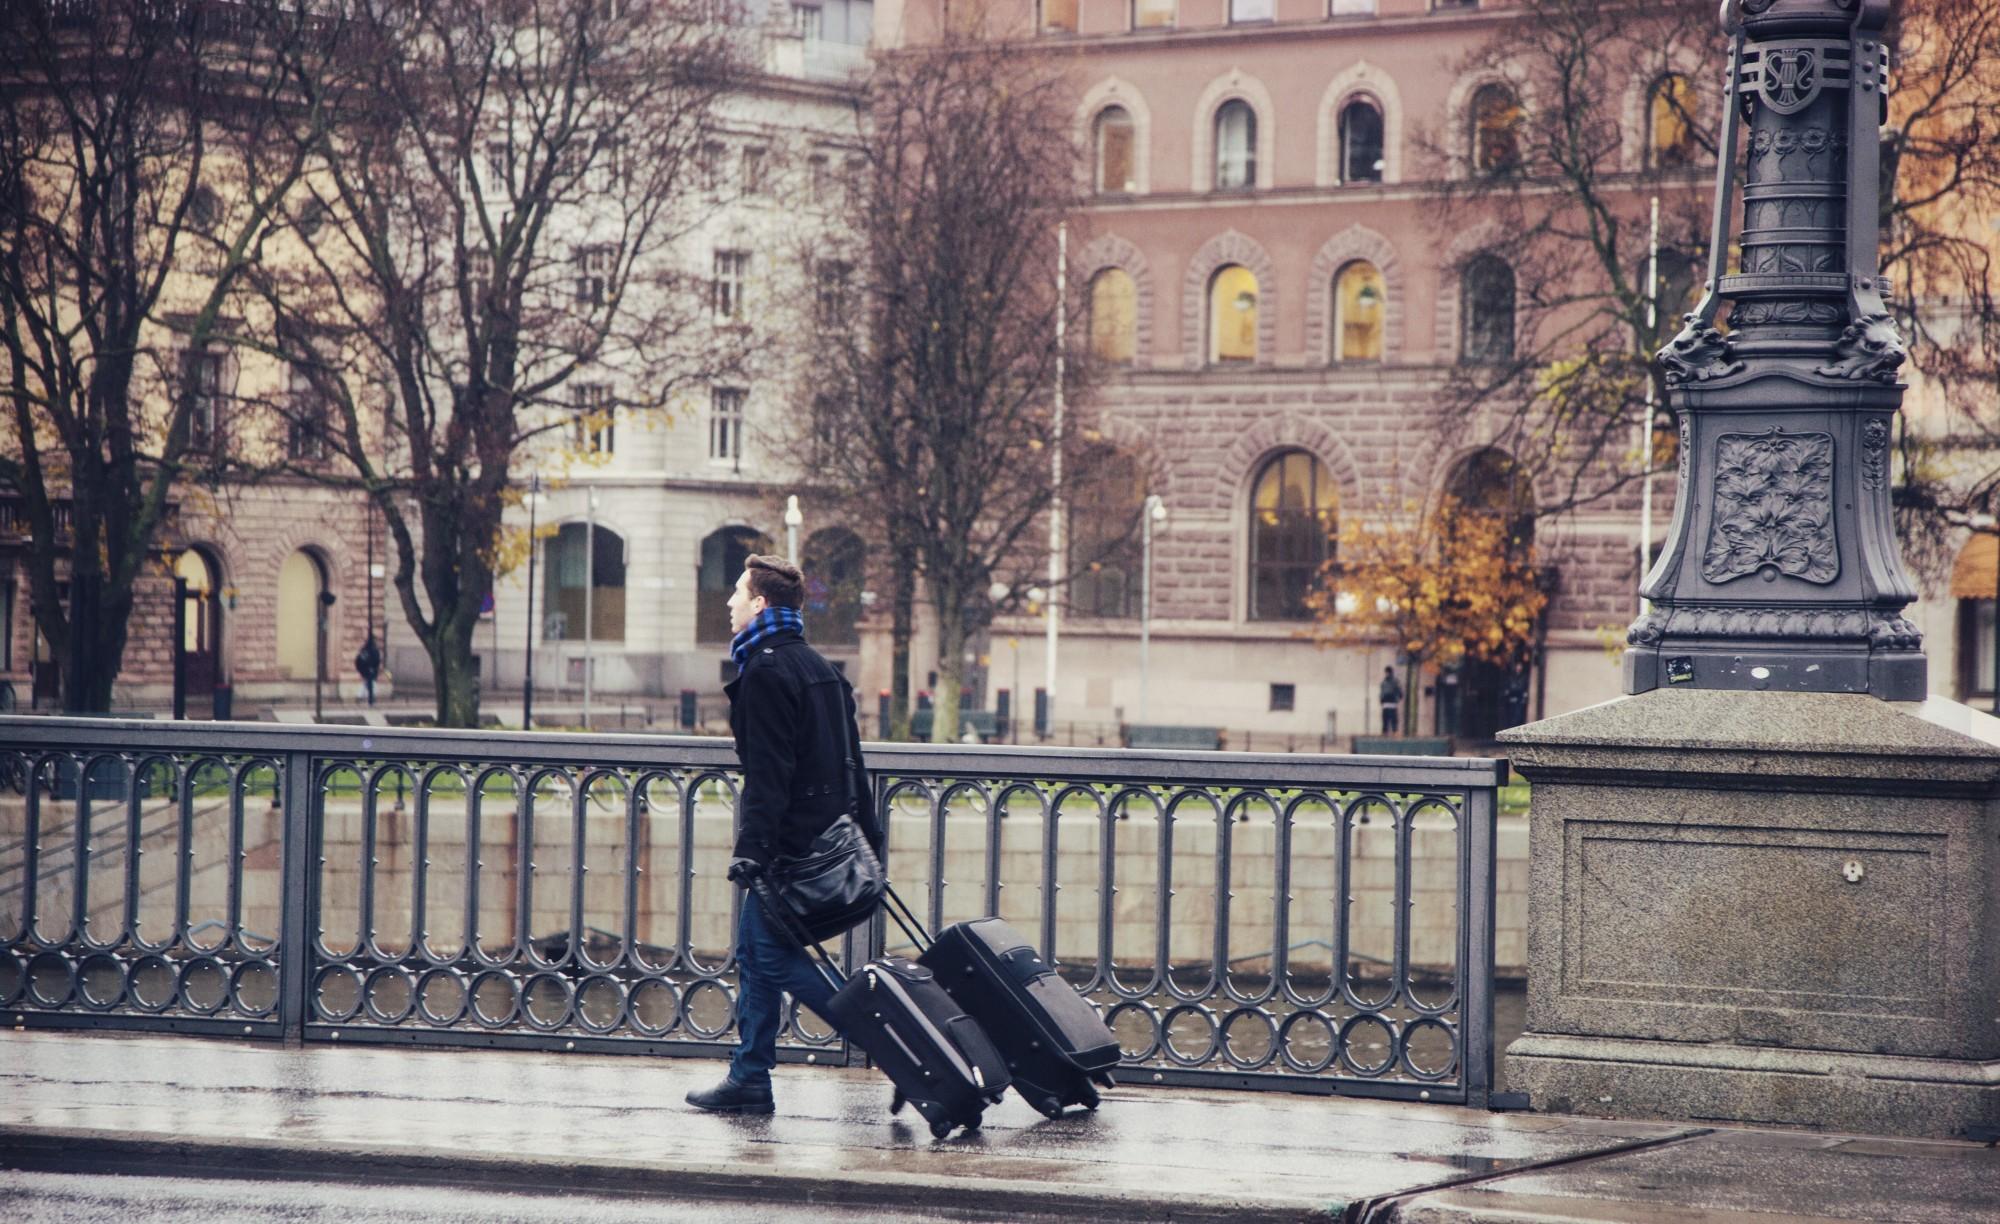 #Traveler